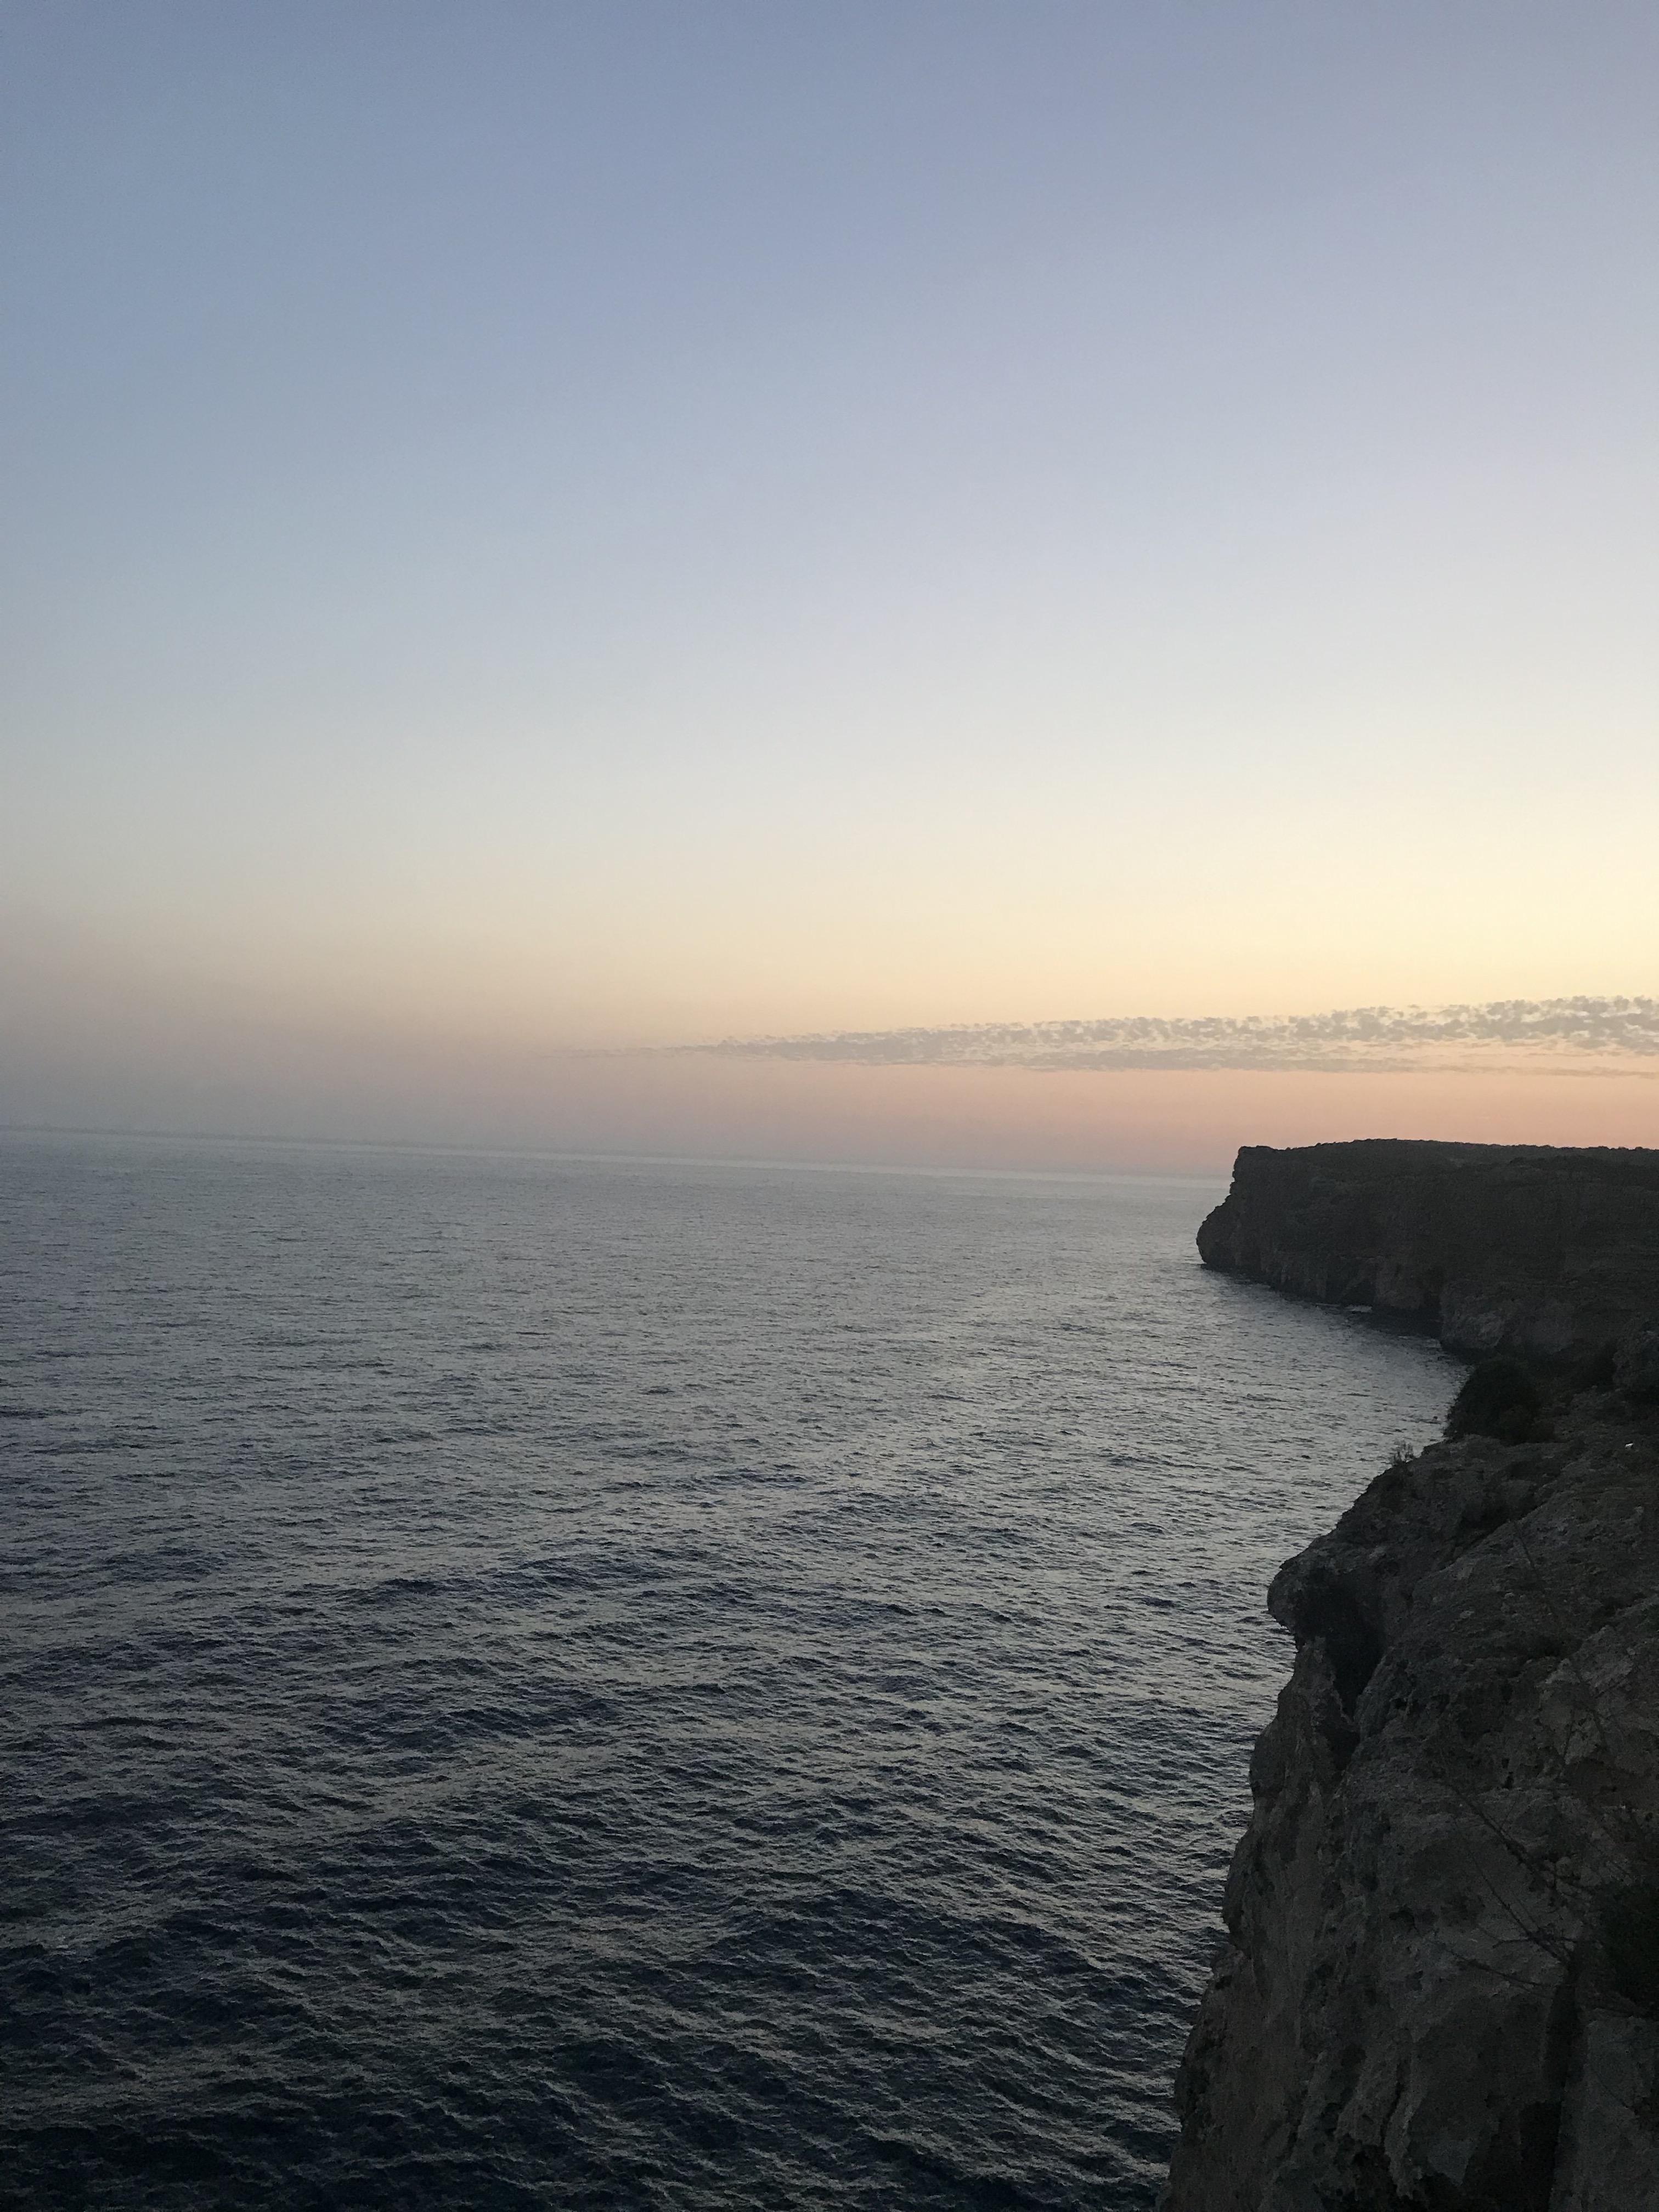 vista-cova-den-xoroi-minorca-spagna